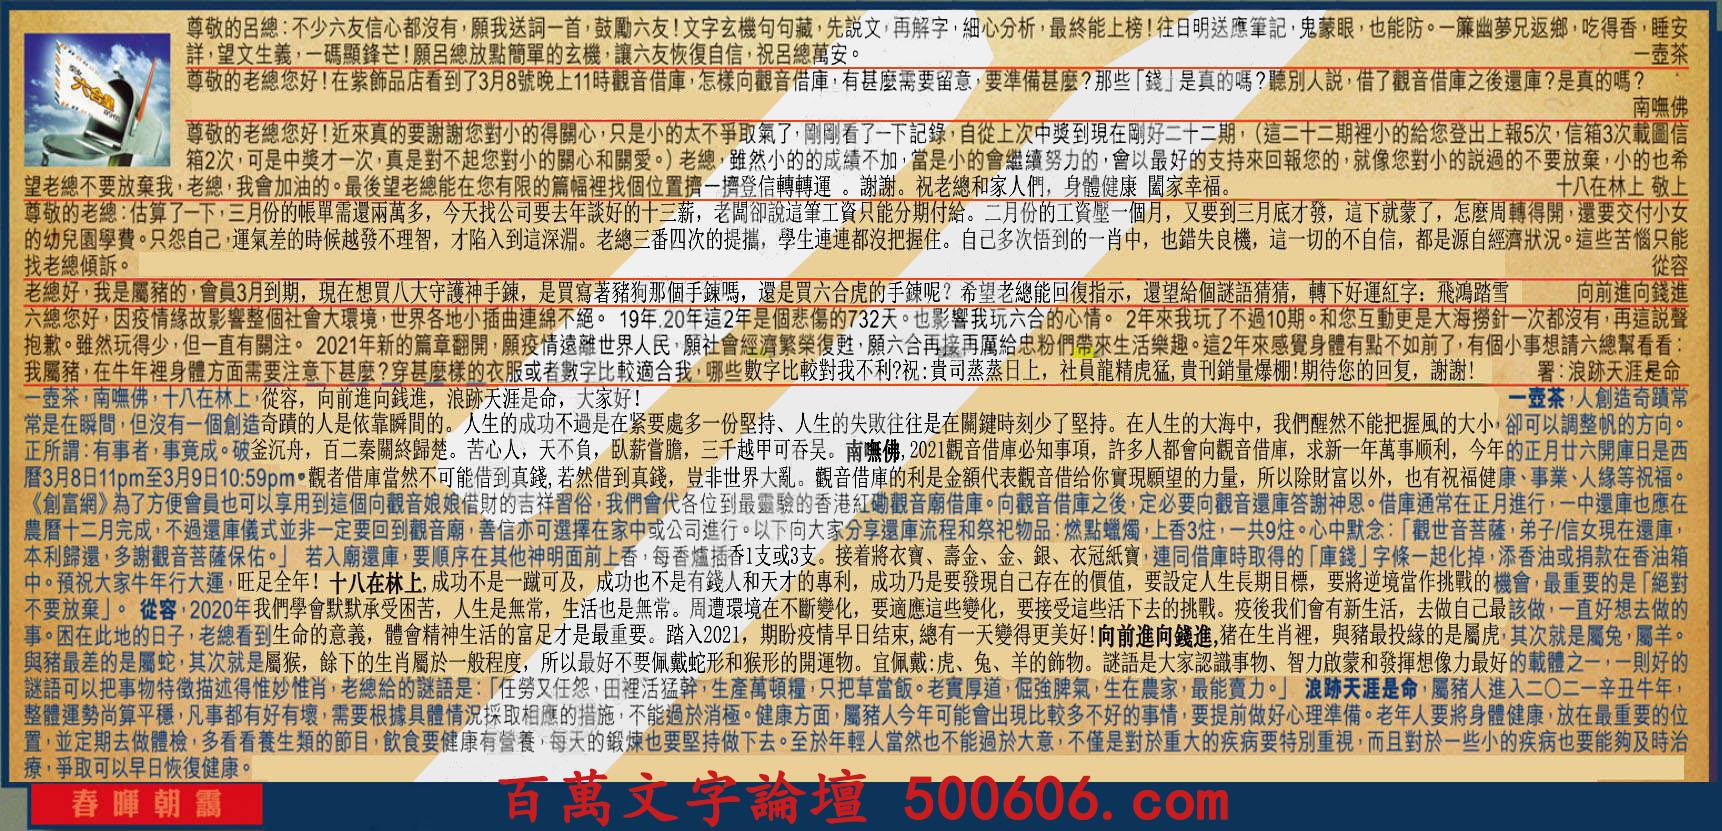 020期:彩民推荐六合皇信箱(�t字:春��朝�\)